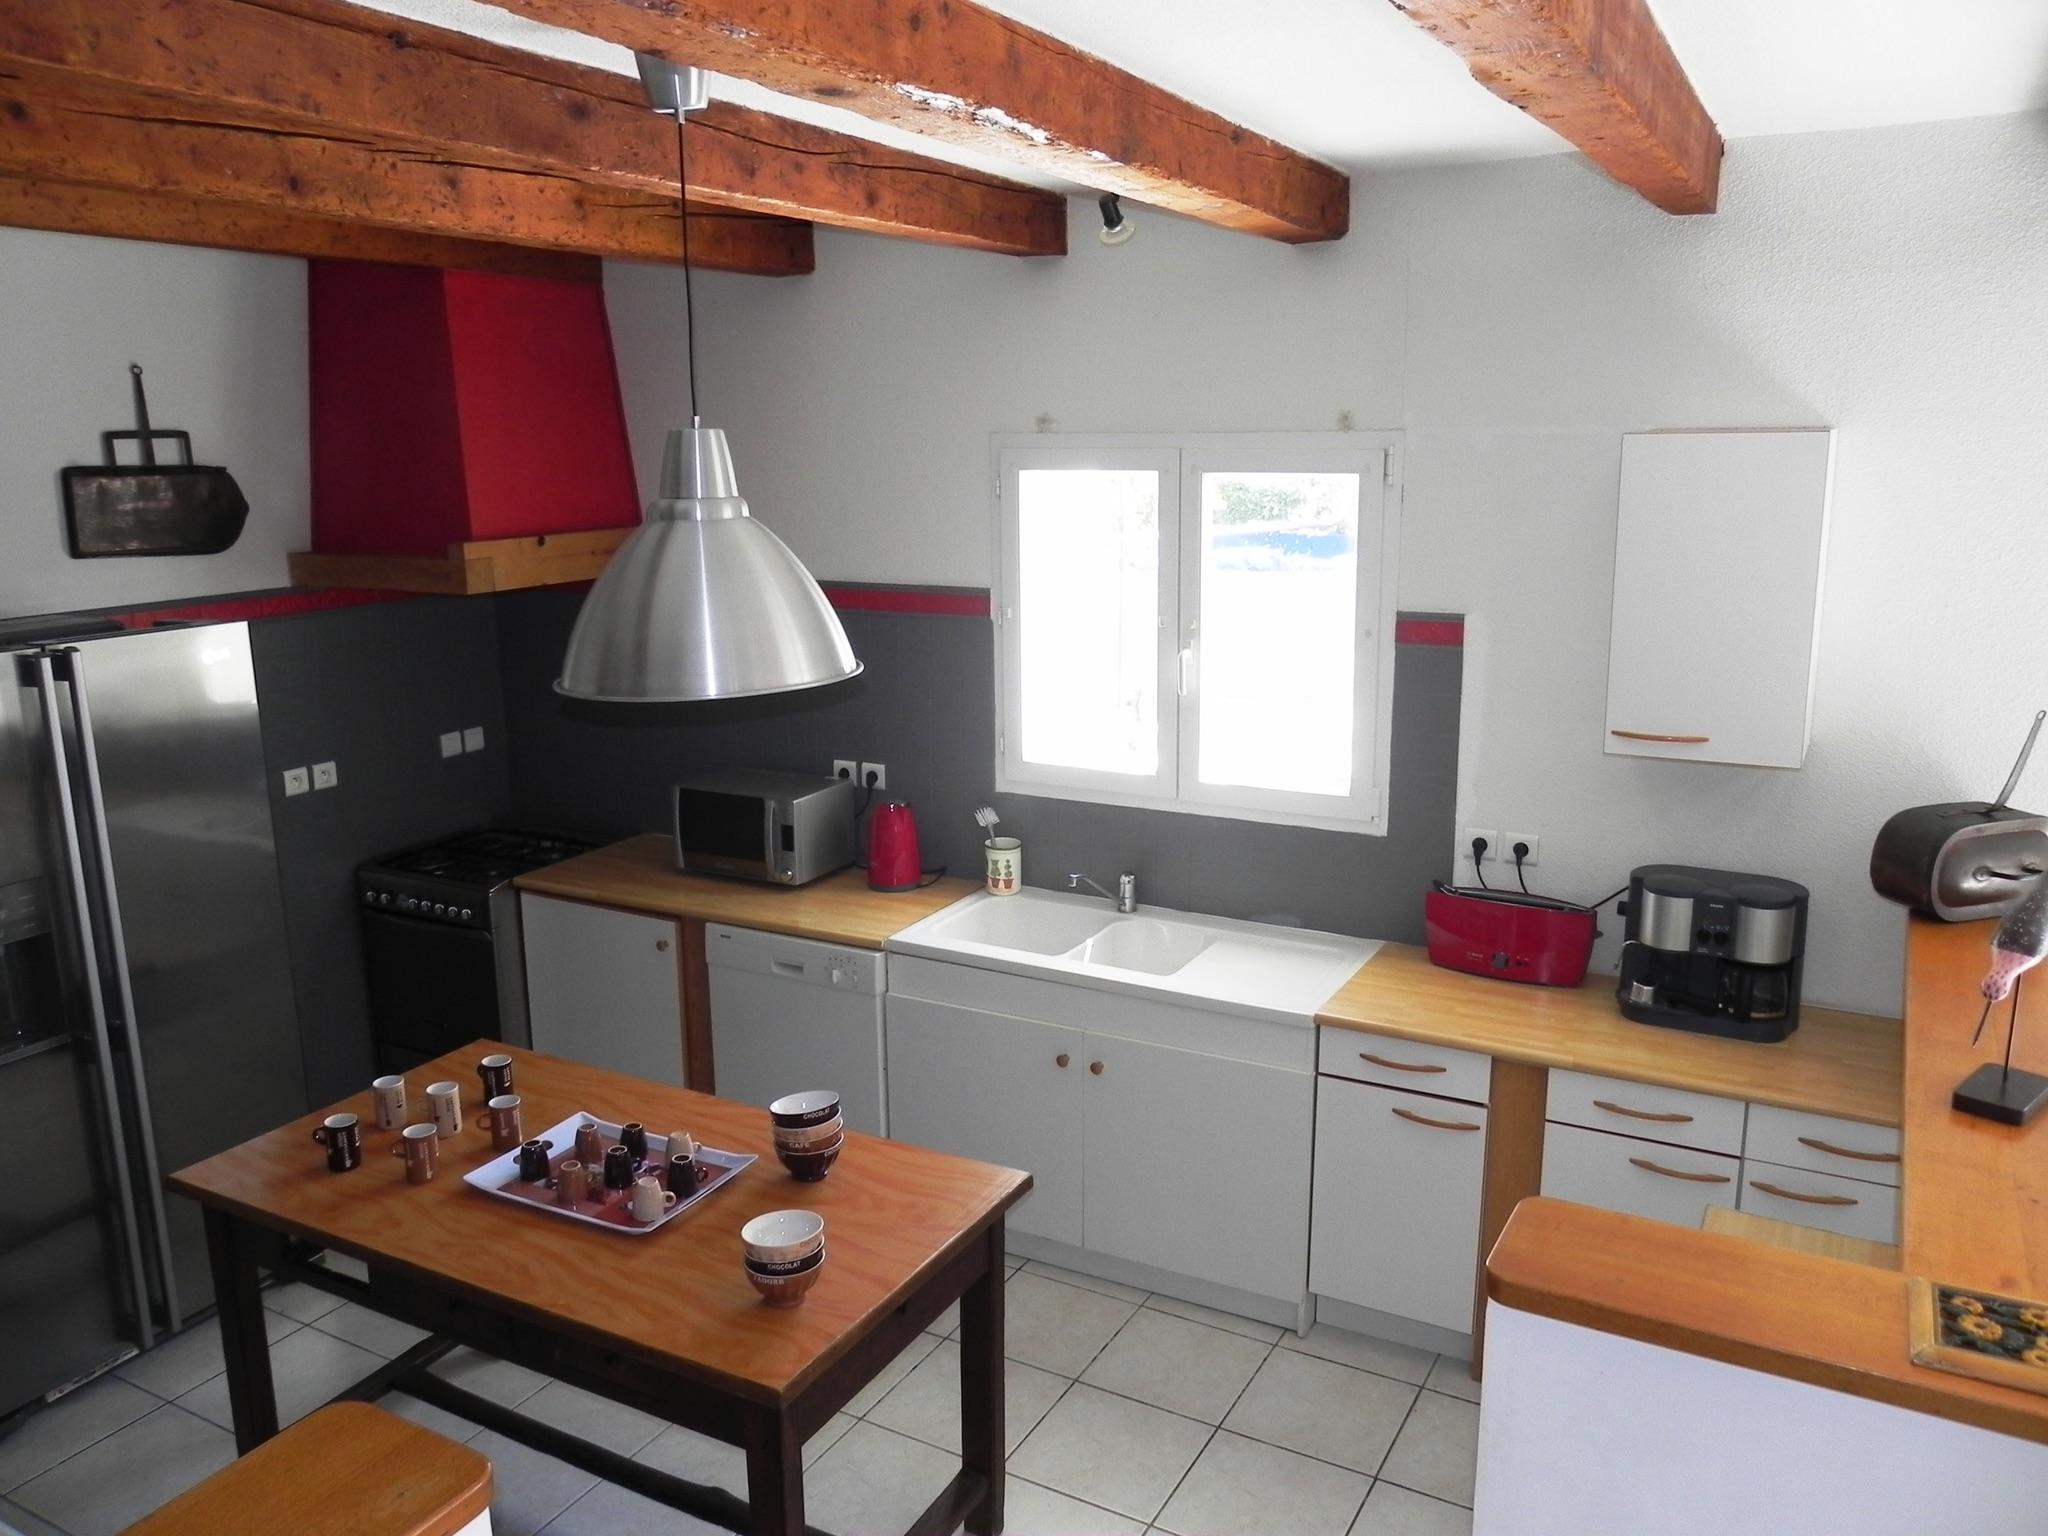 Ferienhaus Bauernhaus in der Languedoc-Roussillon mit Pool und üppigem Garten (2201002), Portiragnes, Mittelmeerküste Hérault, Languedoc-Roussillon, Frankreich, Bild 9